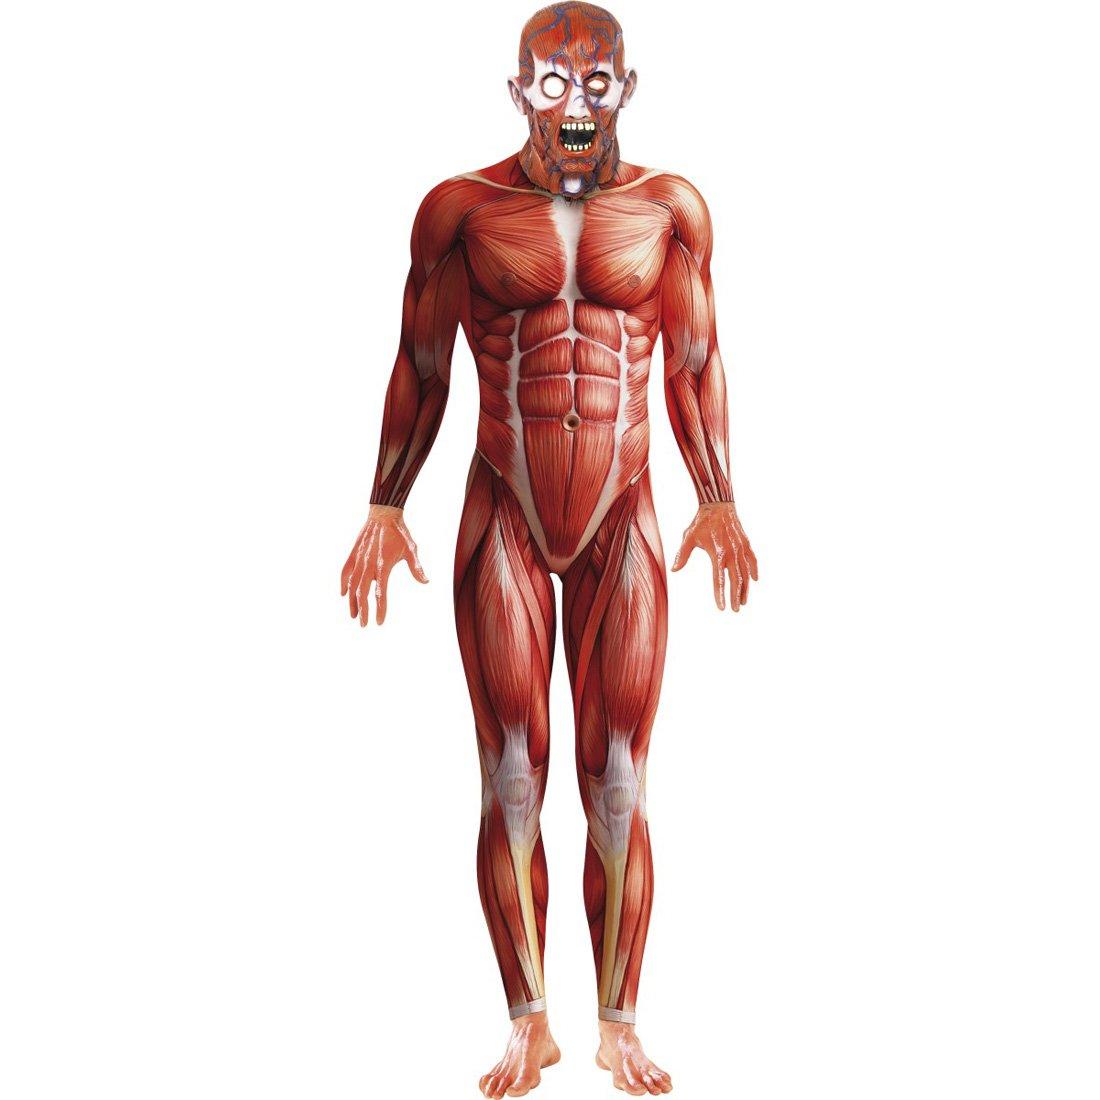 Großartig Menschliche Anatomie Grund Galerie - Anatomie Ideen ...